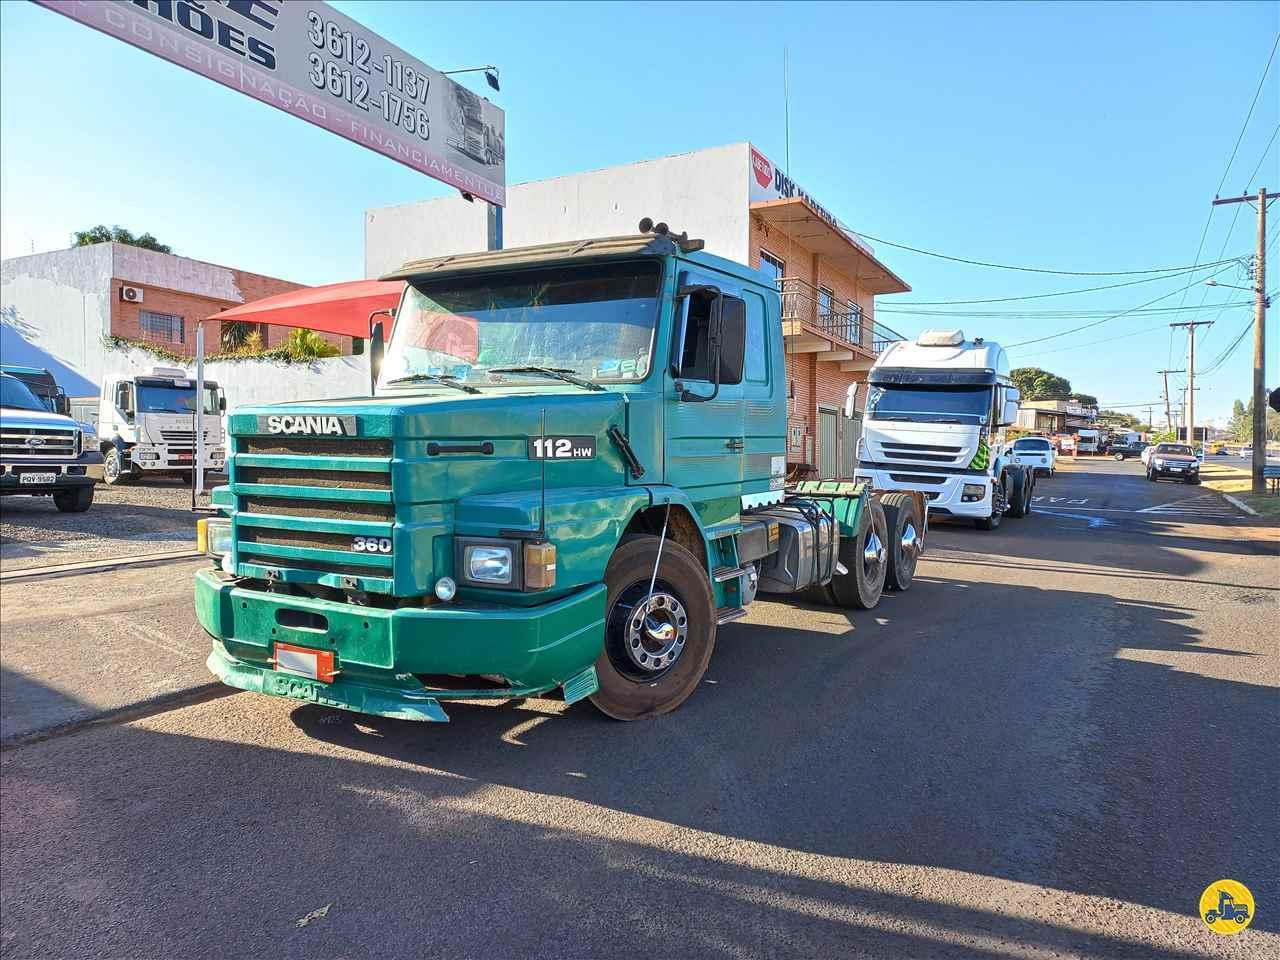 CAMINHAO SCANIA SCANIA 112 360 Cavalo Mecânico Truck 6x2 André Caminhões RIO VERDE GOIAS GO